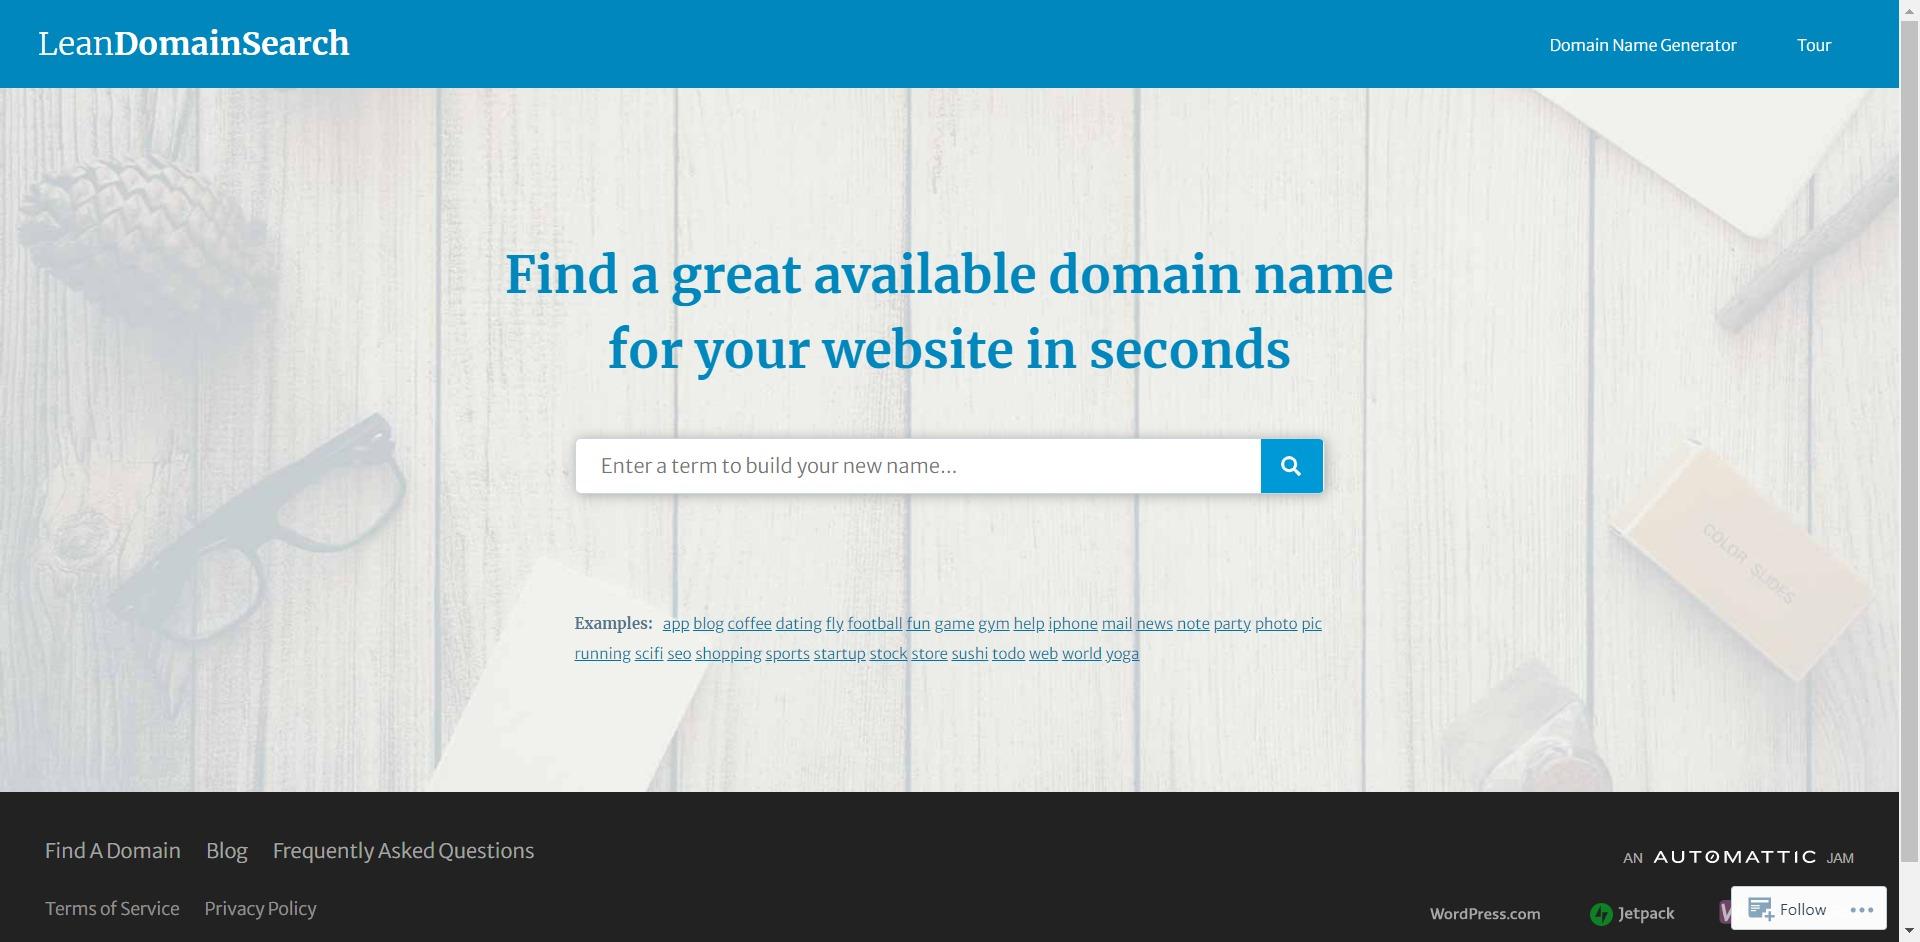 Lean Domain Search Business Name Generator - server name generator